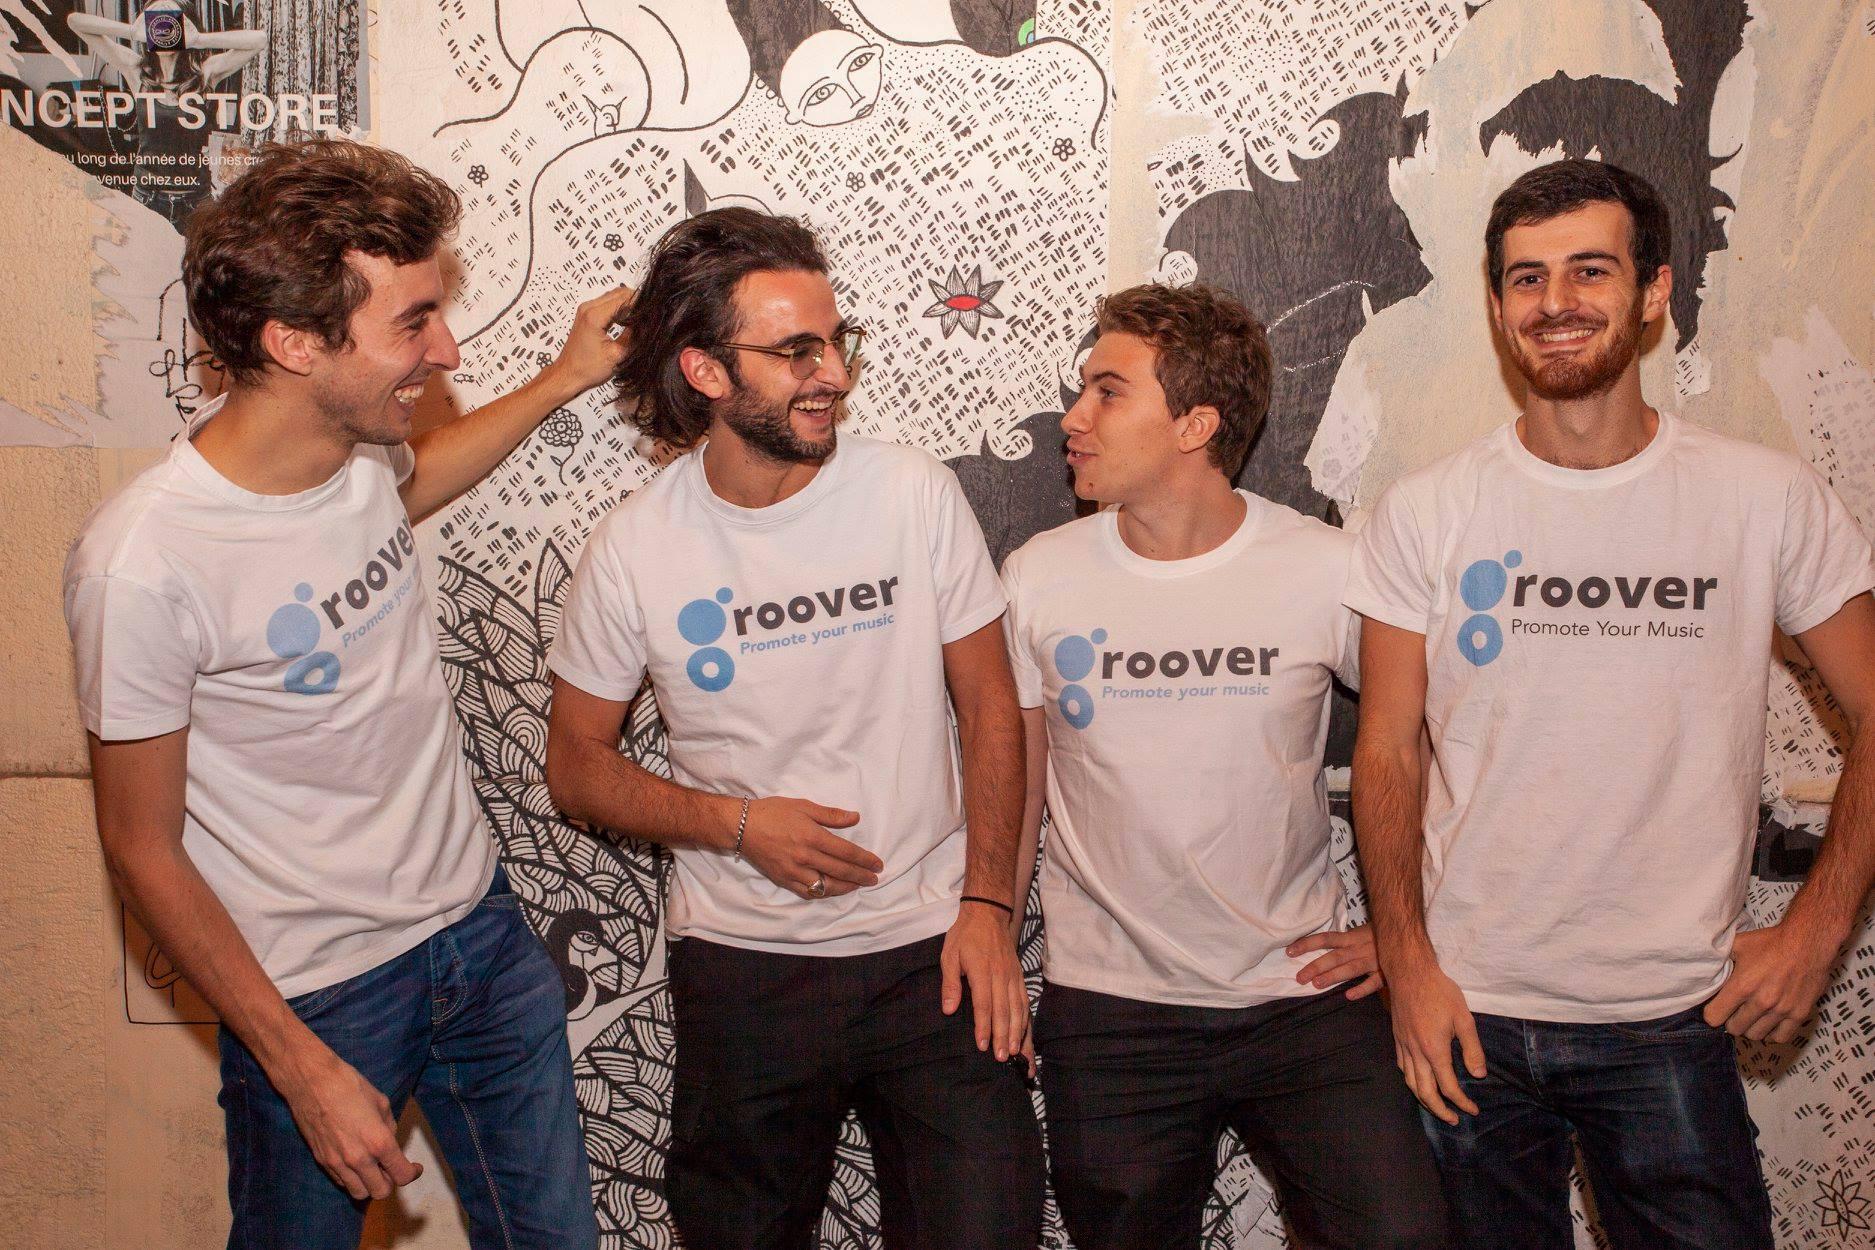 MINI PORTRAIT #3 – Groover. Une nouvelle façon de promouvoir ta musique.